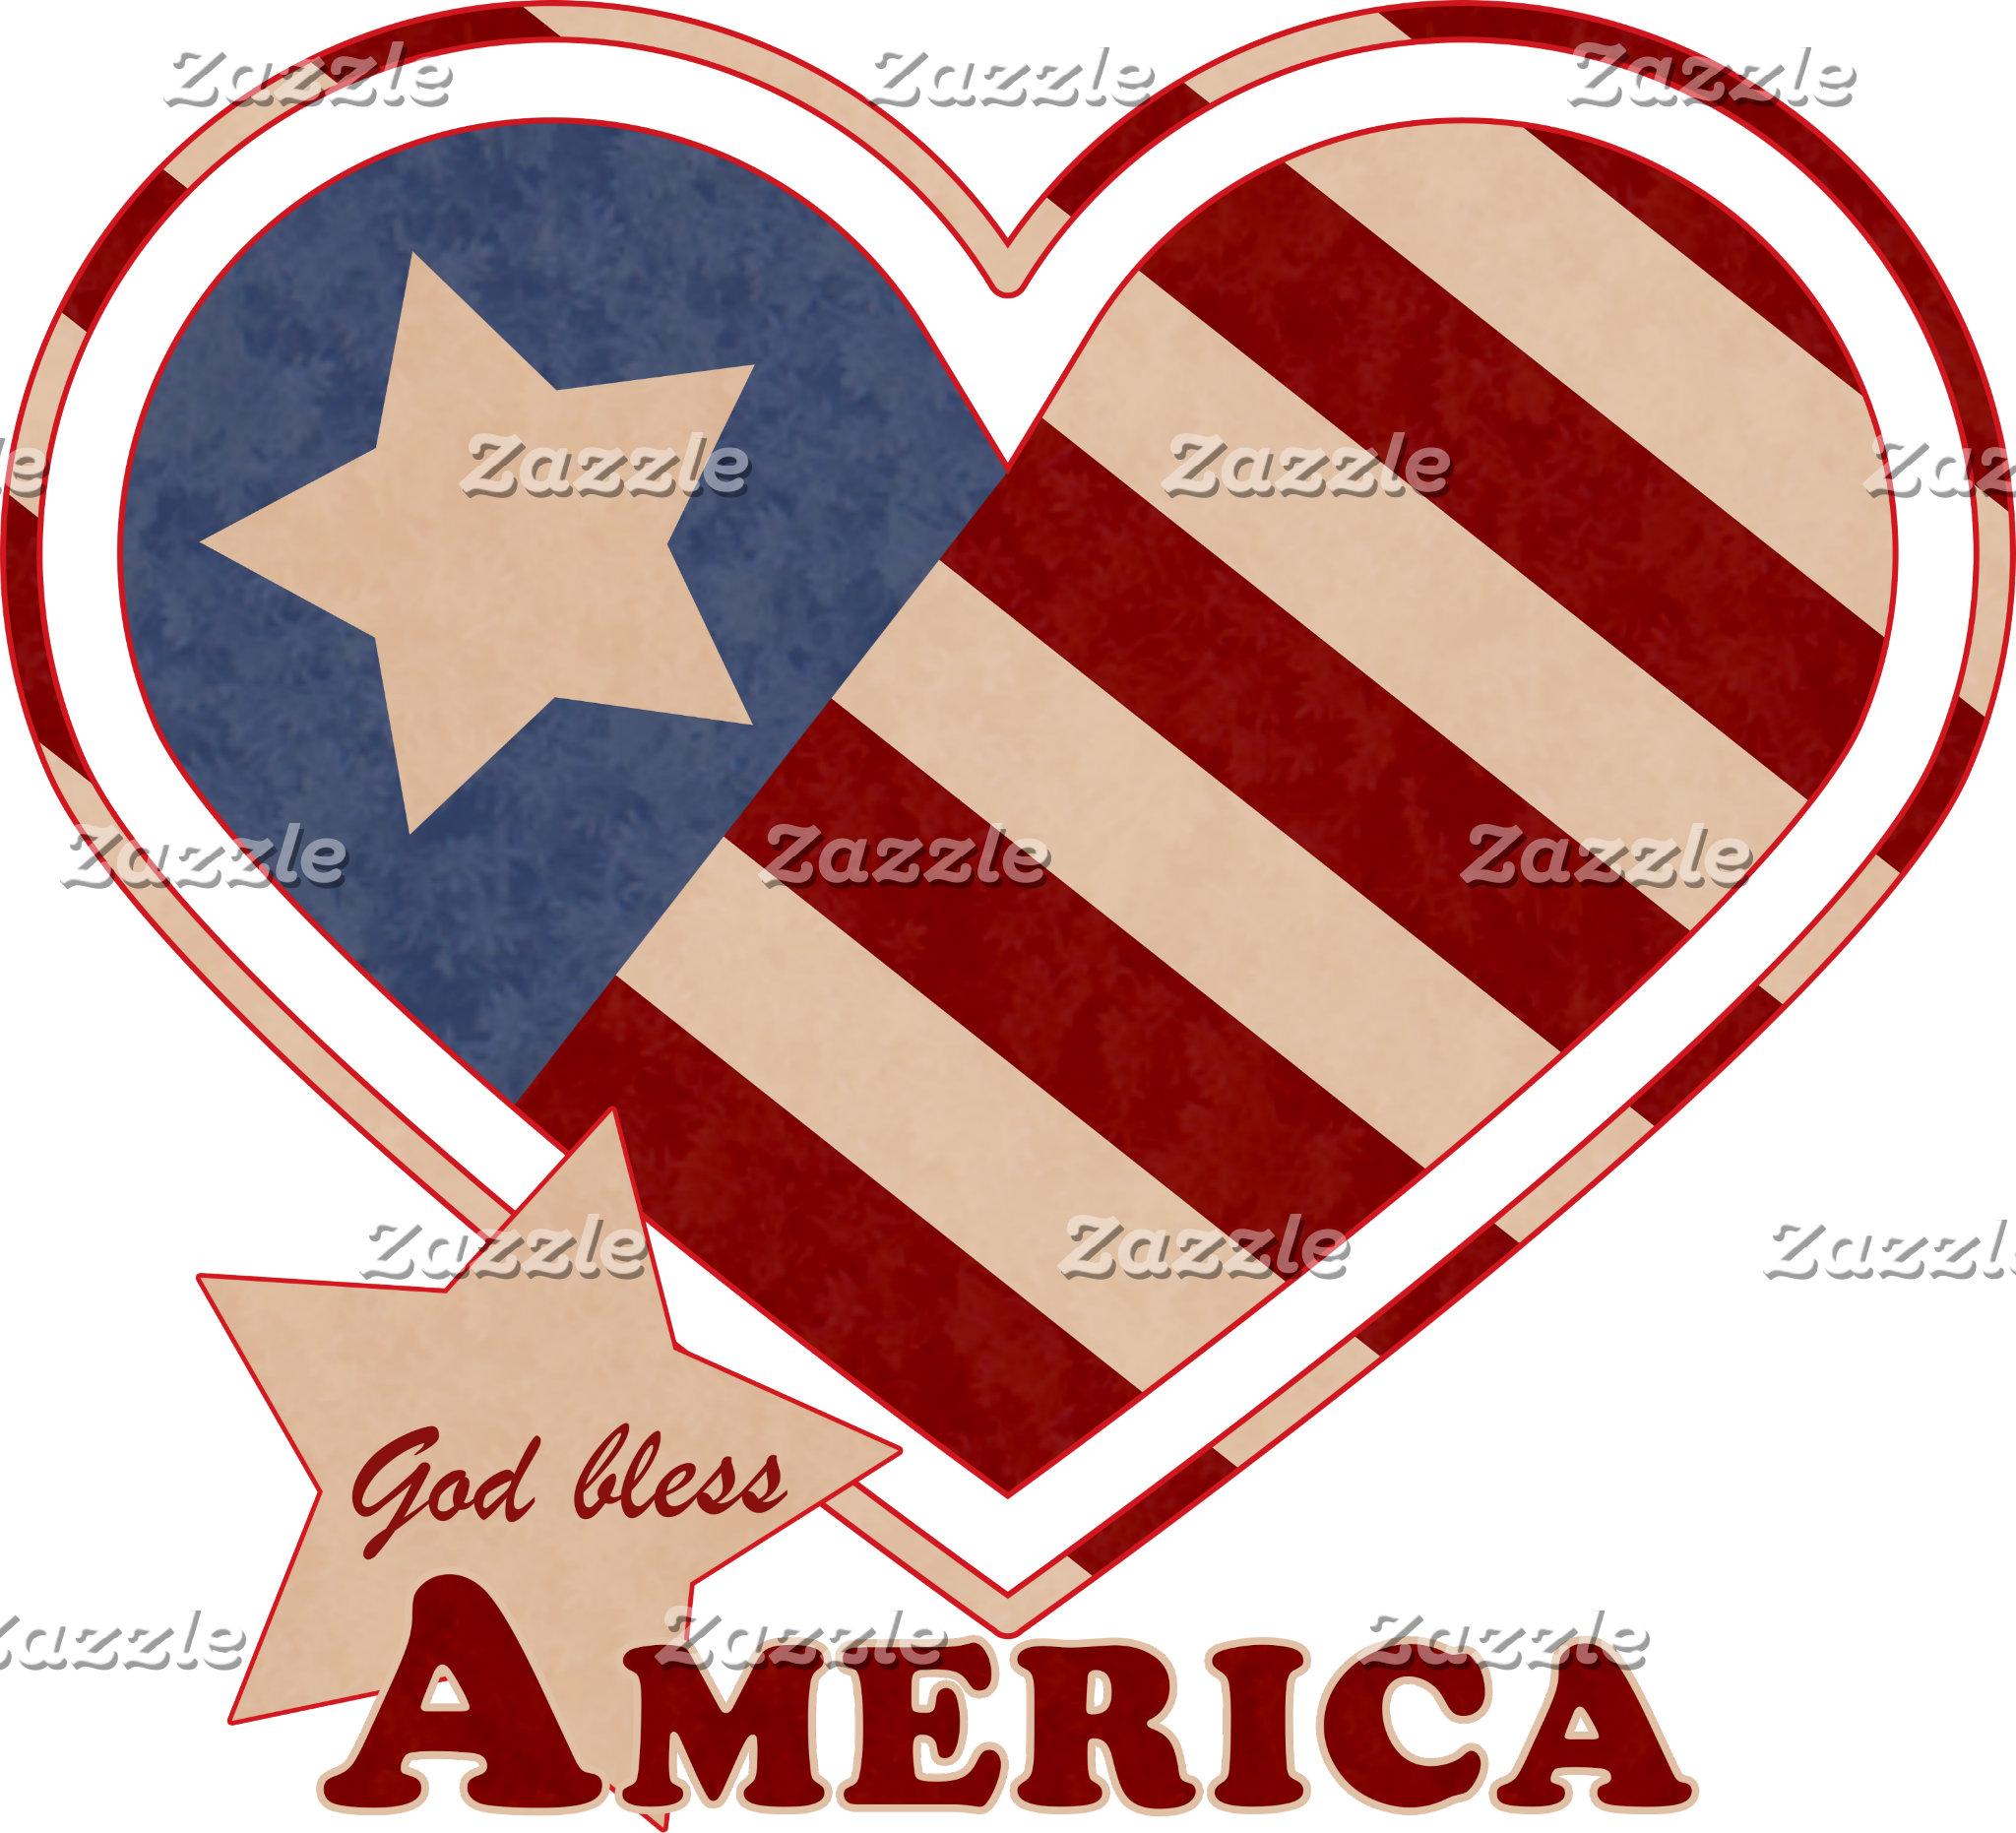 God Bless America Vintage Heart